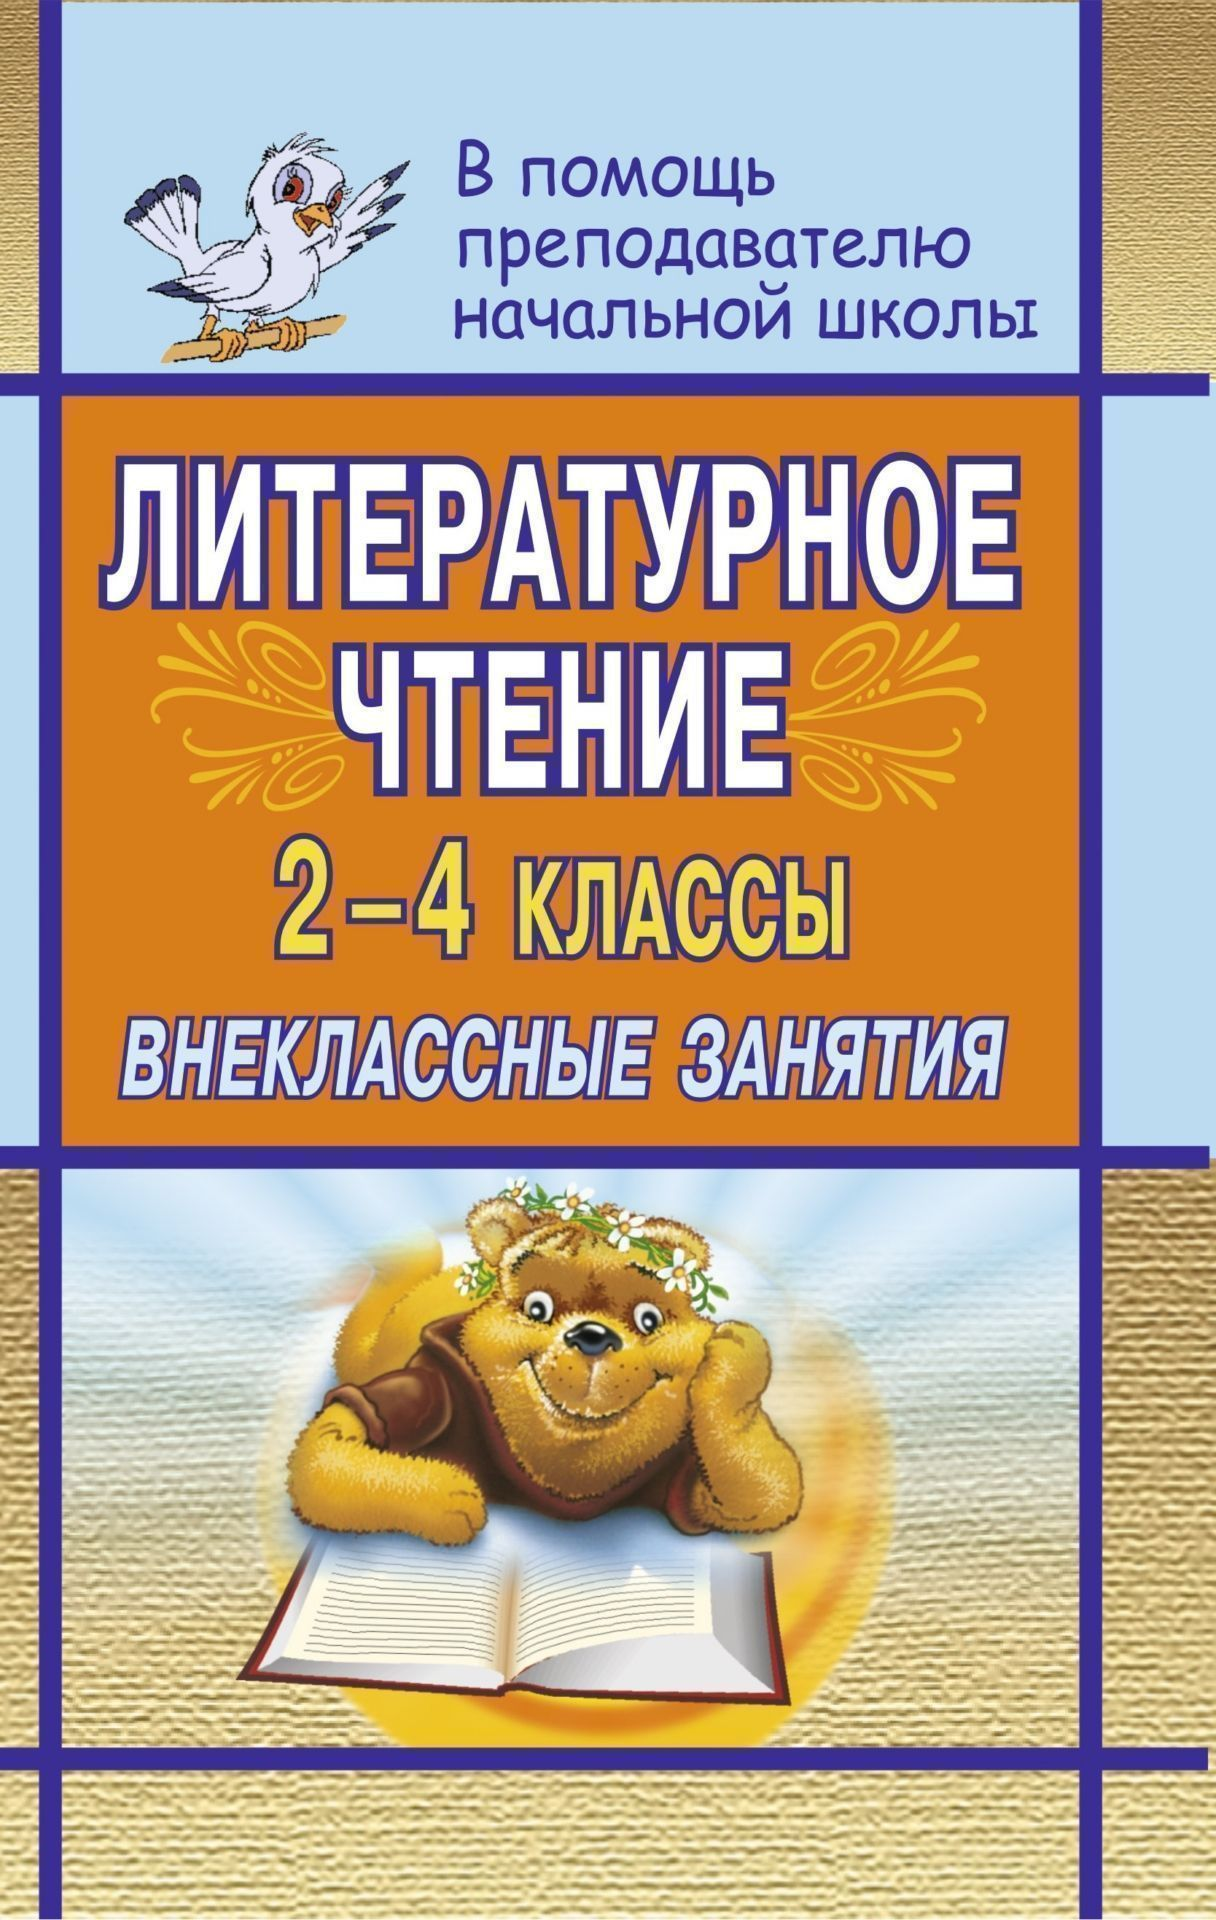 Литературное чтение. 2-4 классы: внеклассные занятияПредметы<br>В пособии представлены внеклассные занятия по предмету Литературное чтение для учащихся 2-4 классов.Увлекательно, образно, интересно с использованием активных форм и методов представления предлагаемые занятия знакомят детей с различными жанрами литерату...<br><br>Авторы: Дьячкова Г. Т.<br>Год: 2007<br>Серия: В помощь преподавателю начальной школы<br>ISBN: 978-5-7057-1219-9<br>Высота: 213<br>Ширина: 138<br>Толщина: 7